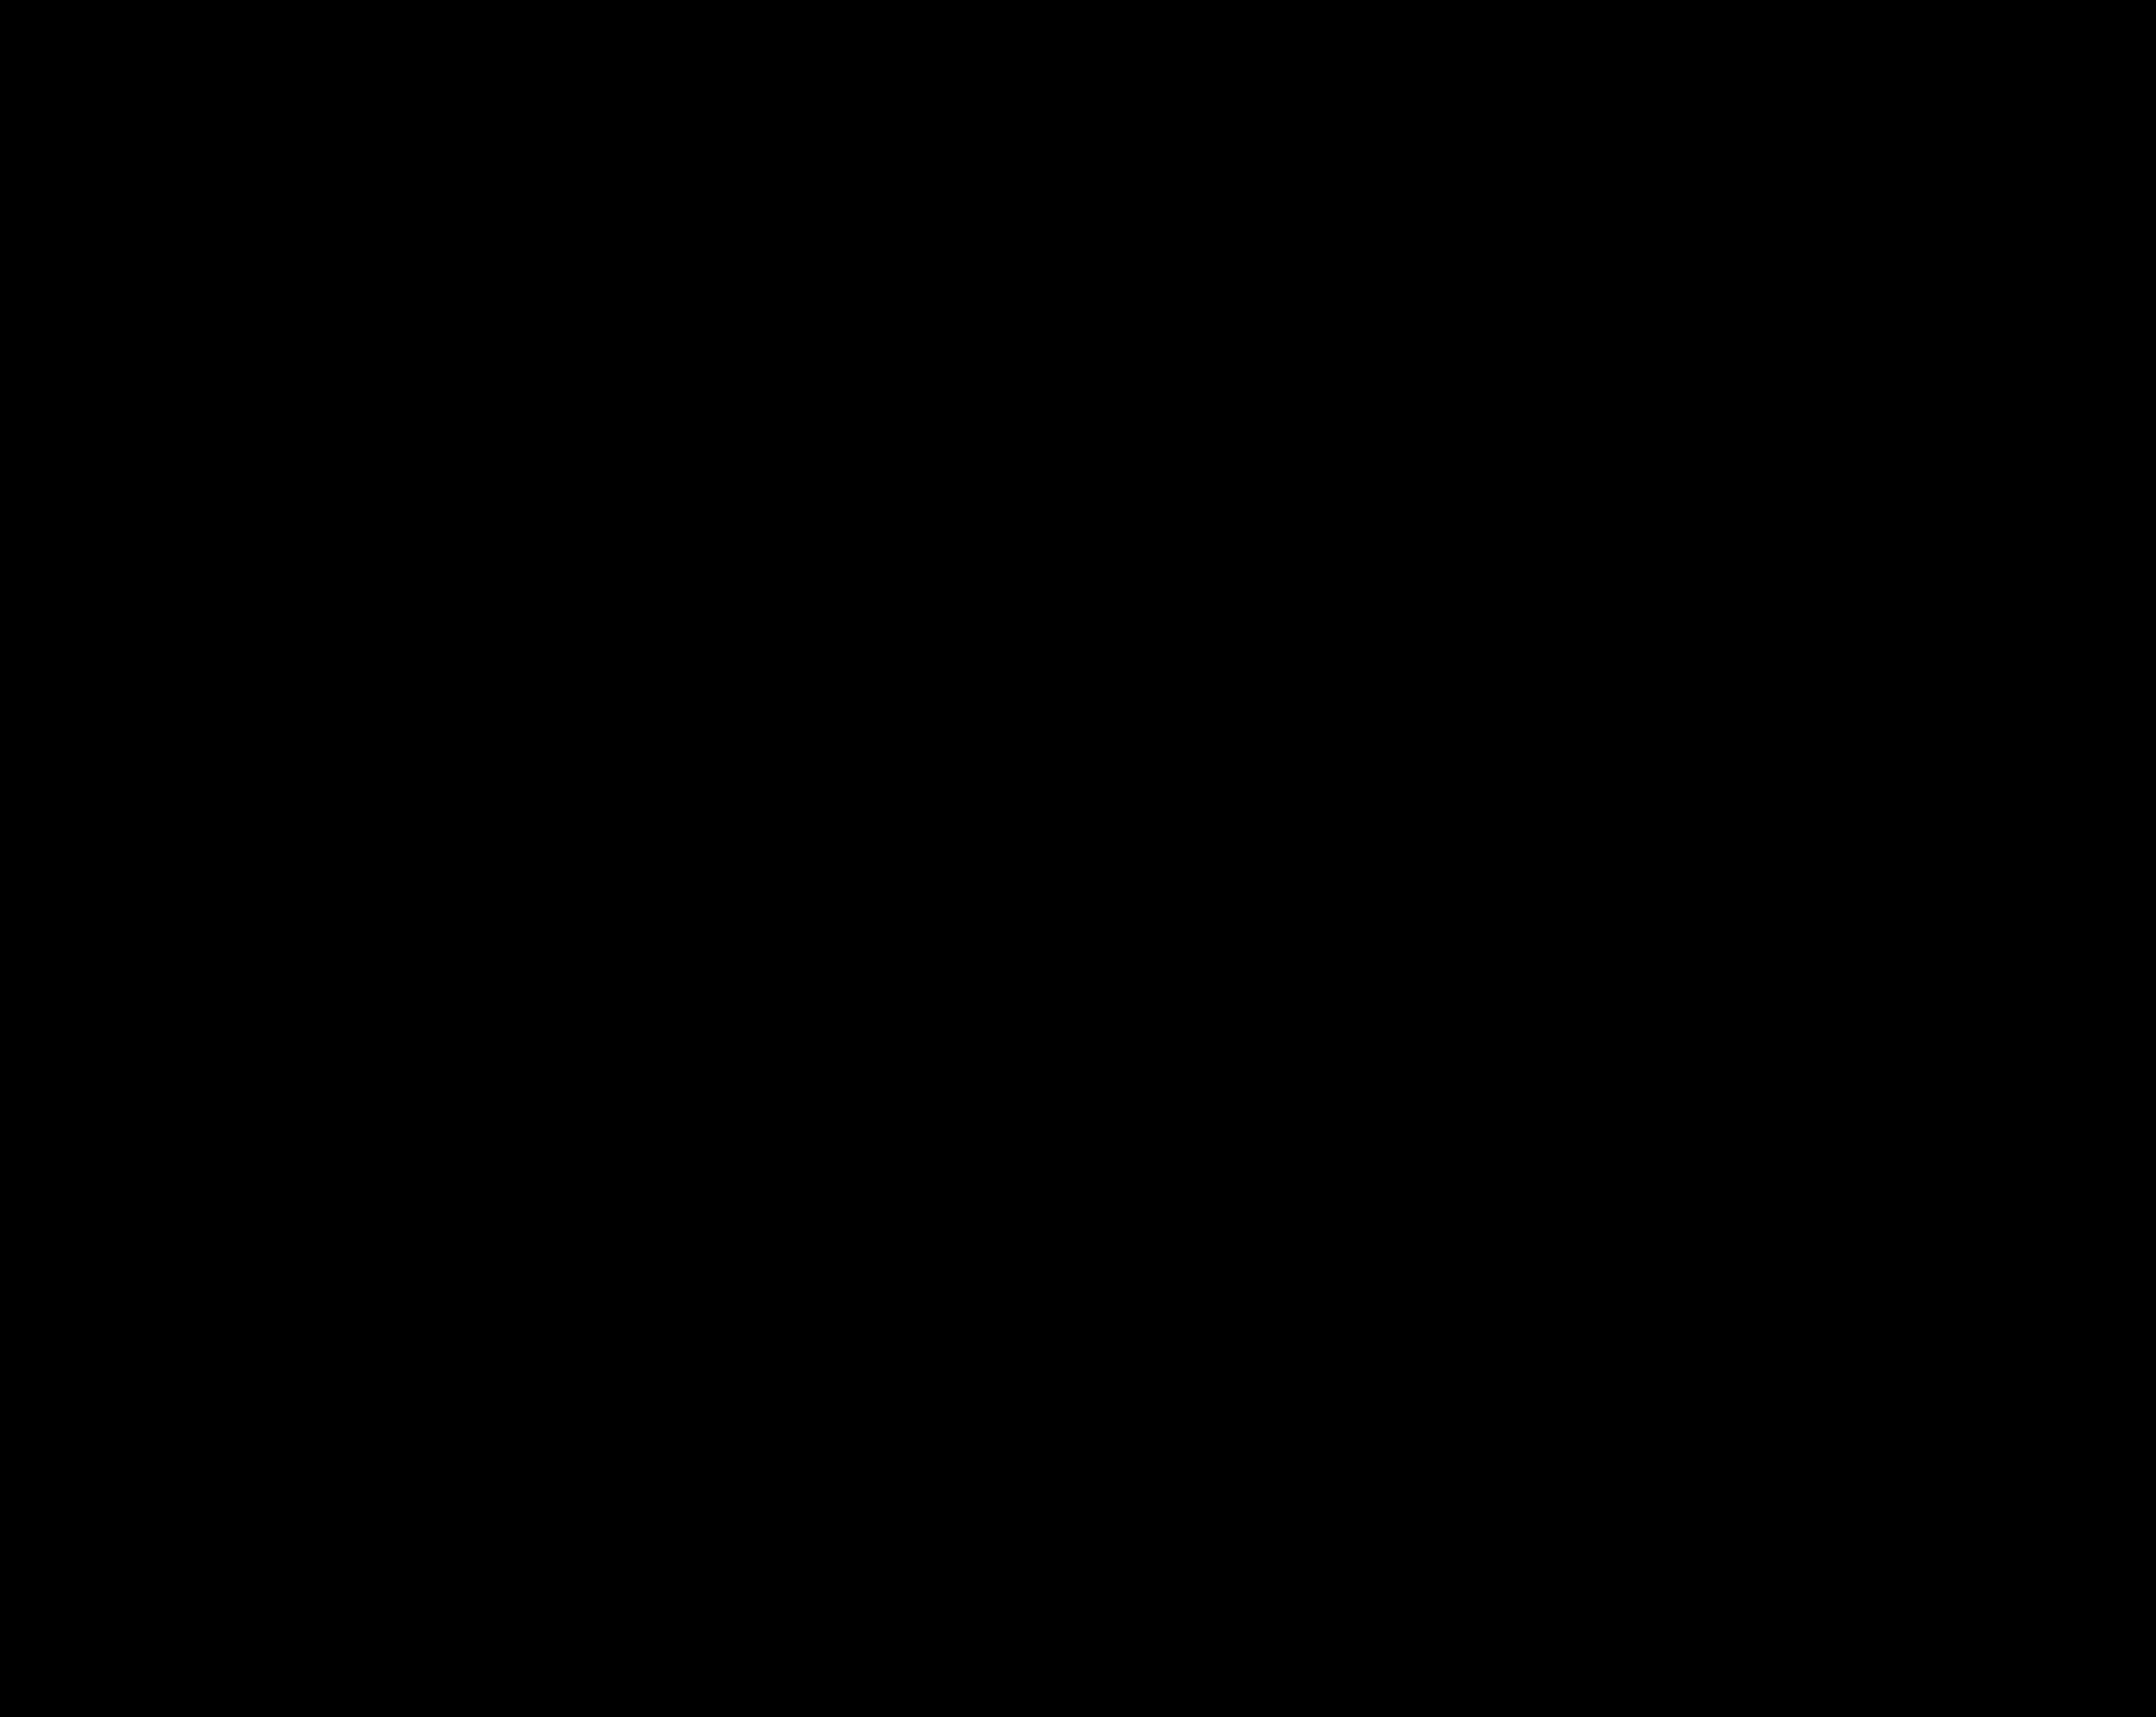 Historicbridges Org Bridge Map